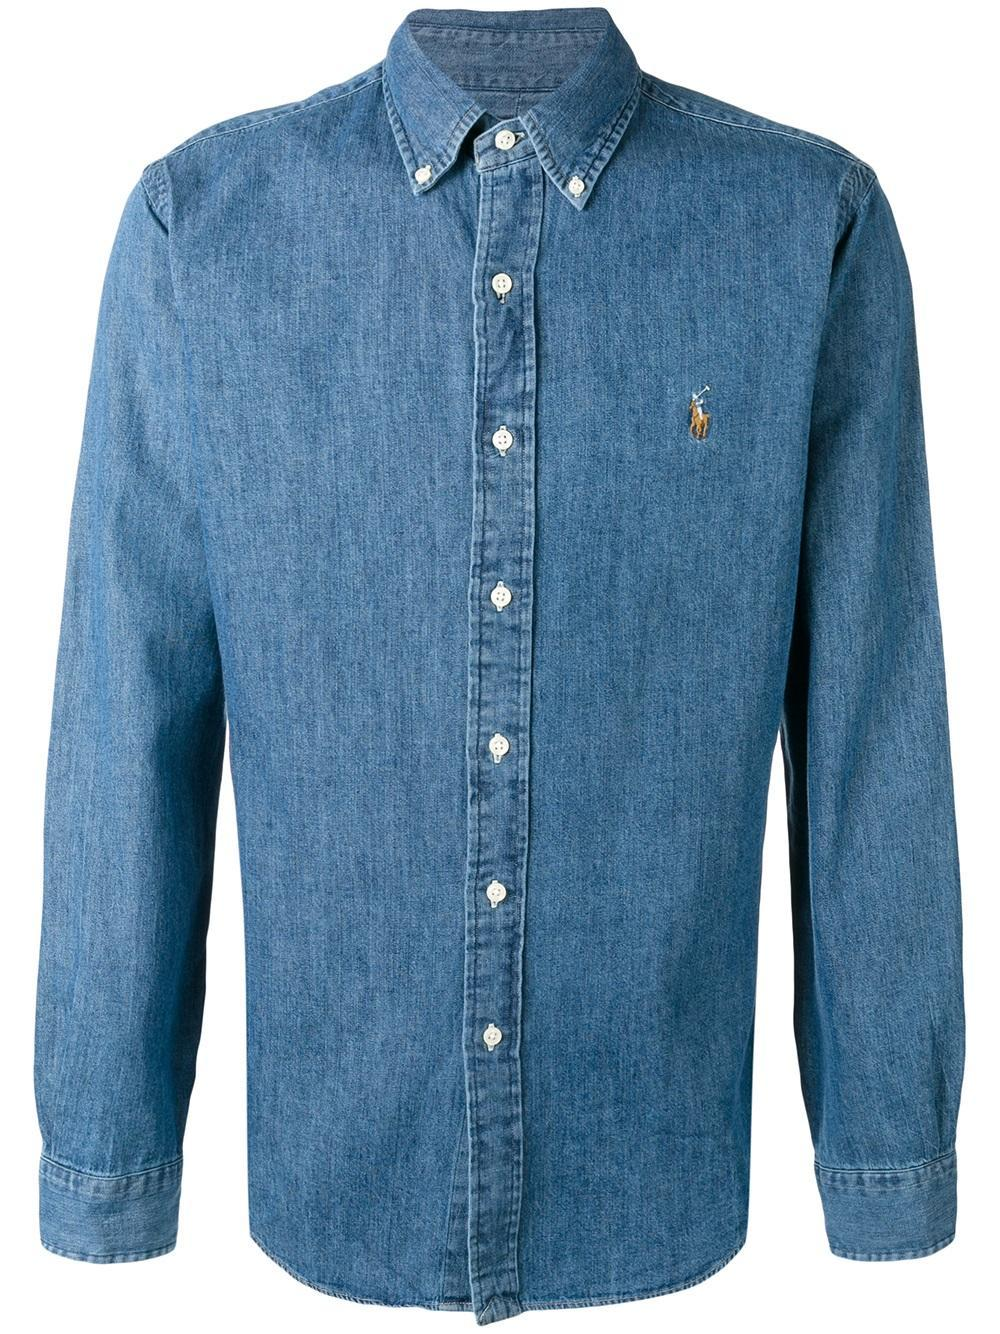 Lyst polo ralph lauren button down denim shirt in blue for Polo ralph lauren casual button down shirts